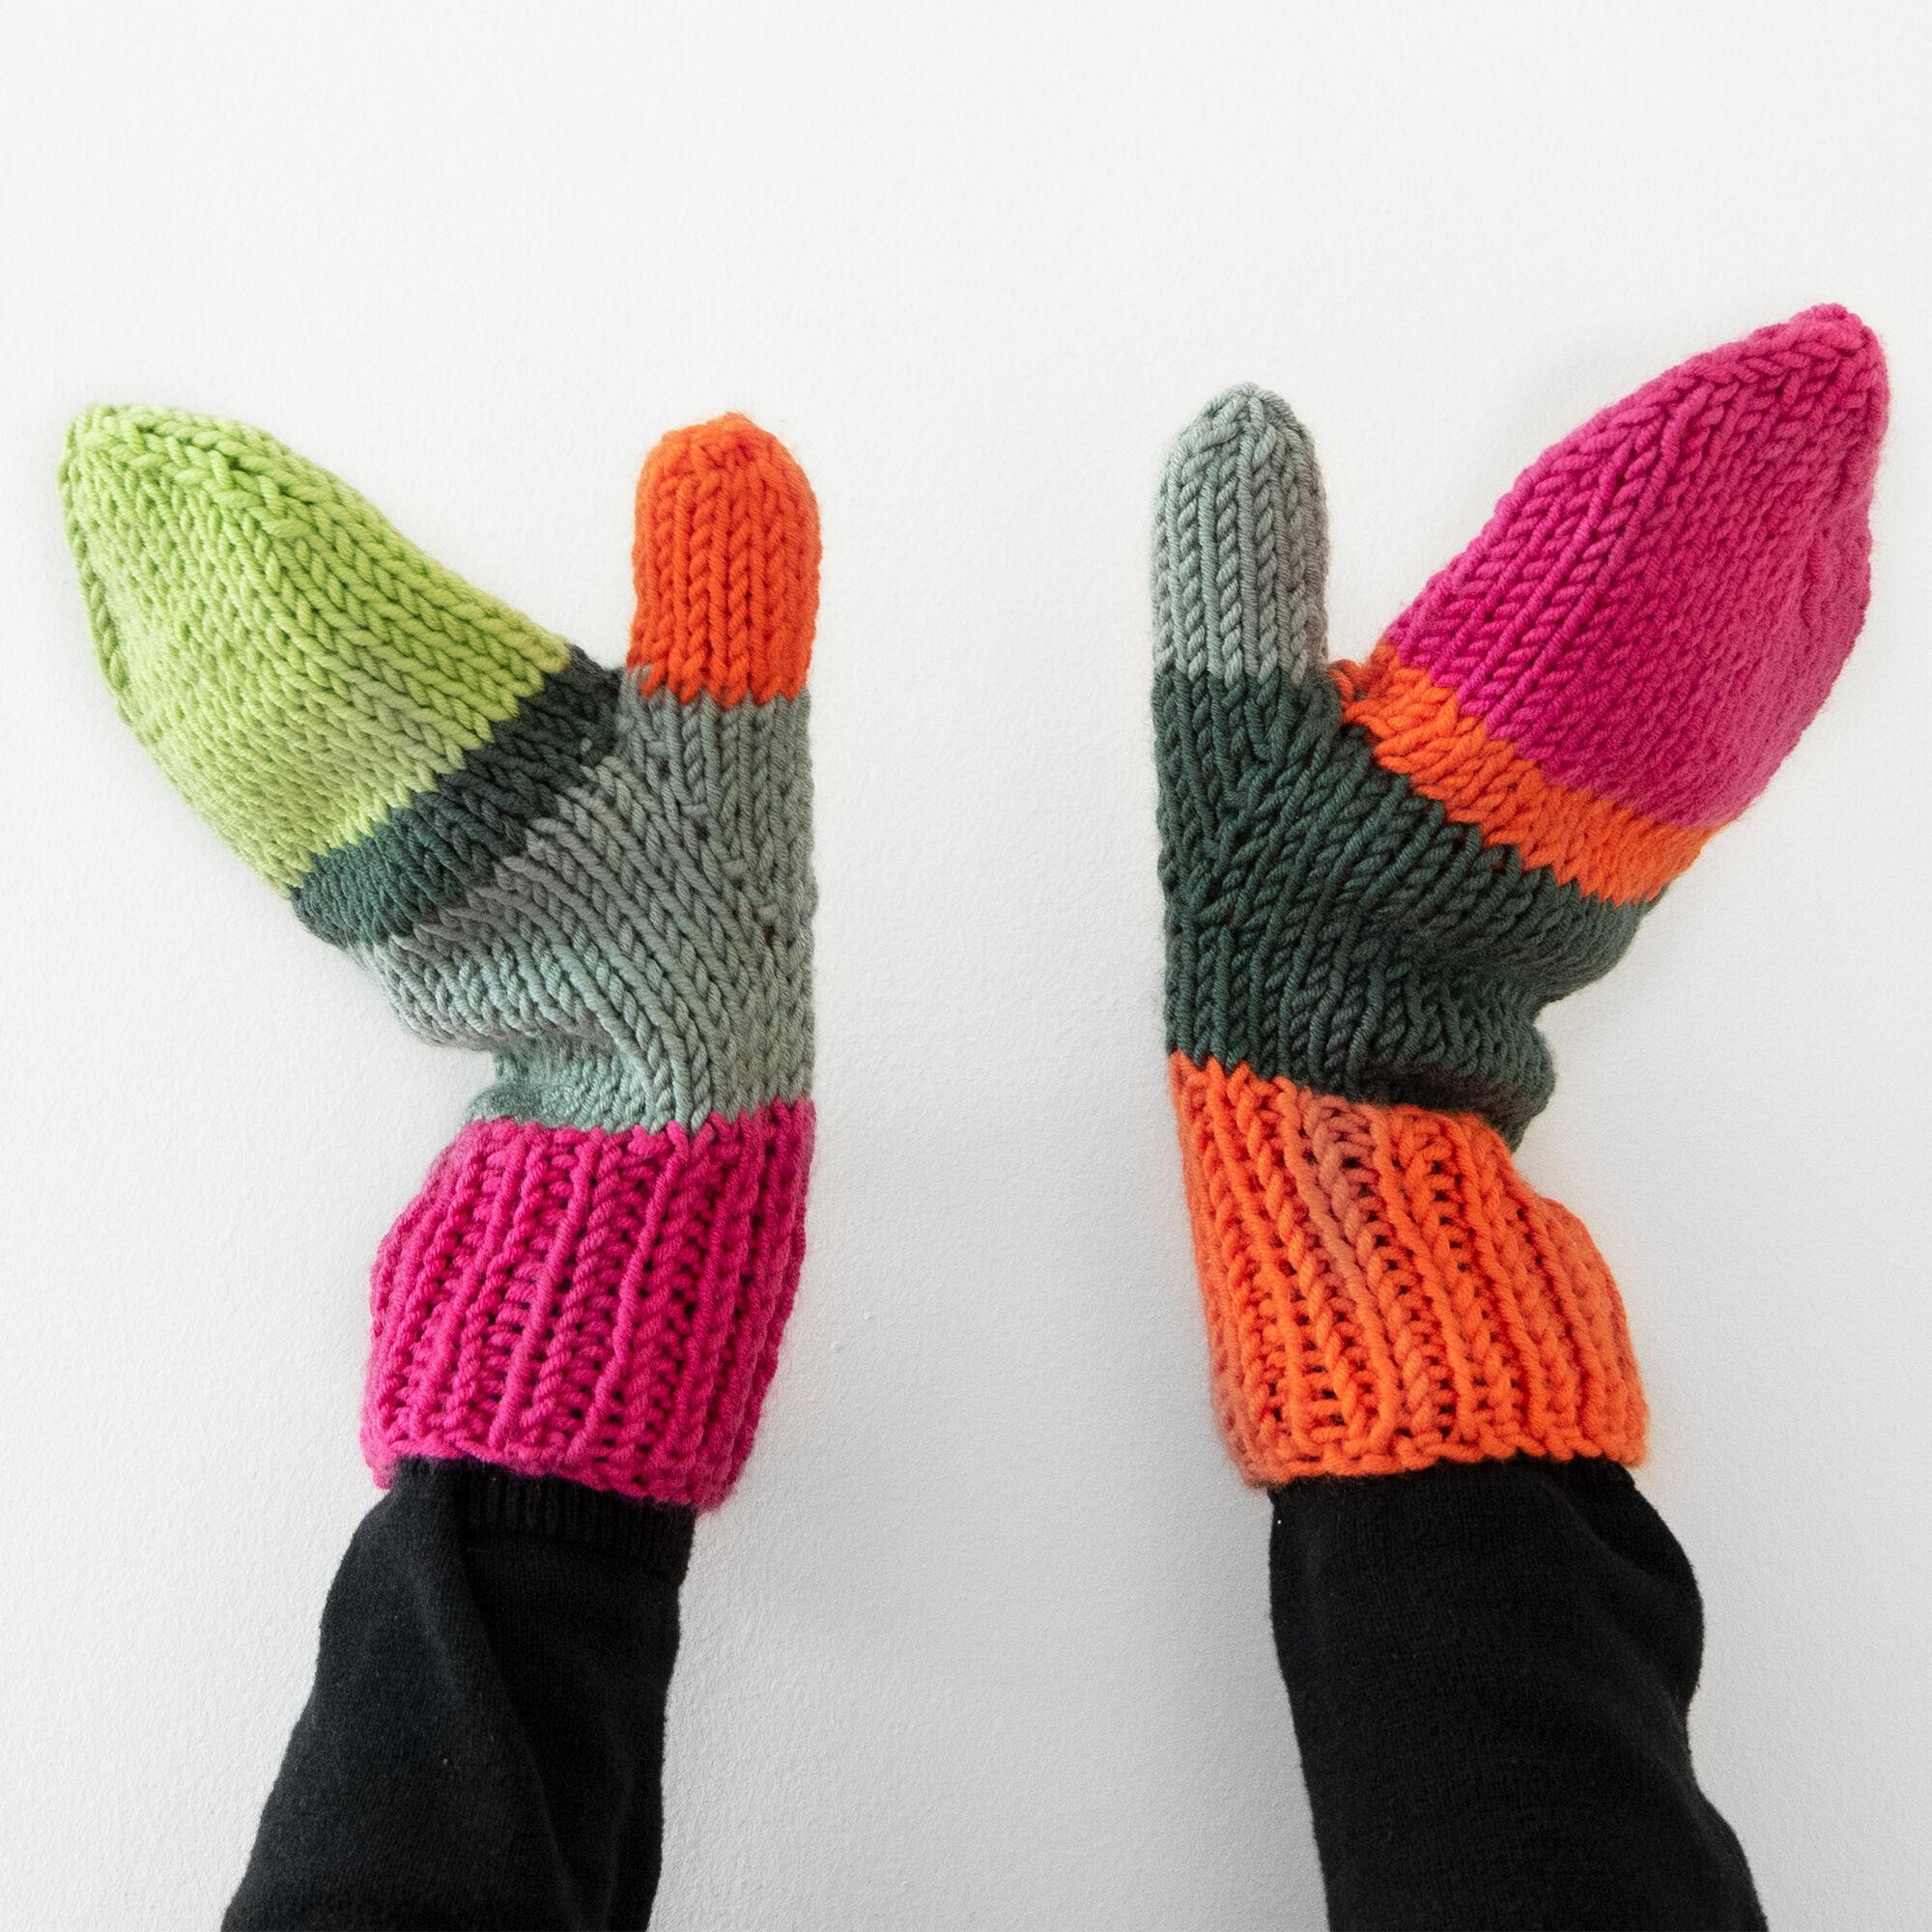 Caron x Pantone Find a Match Knit Mittens Pattern | Yarnspirations